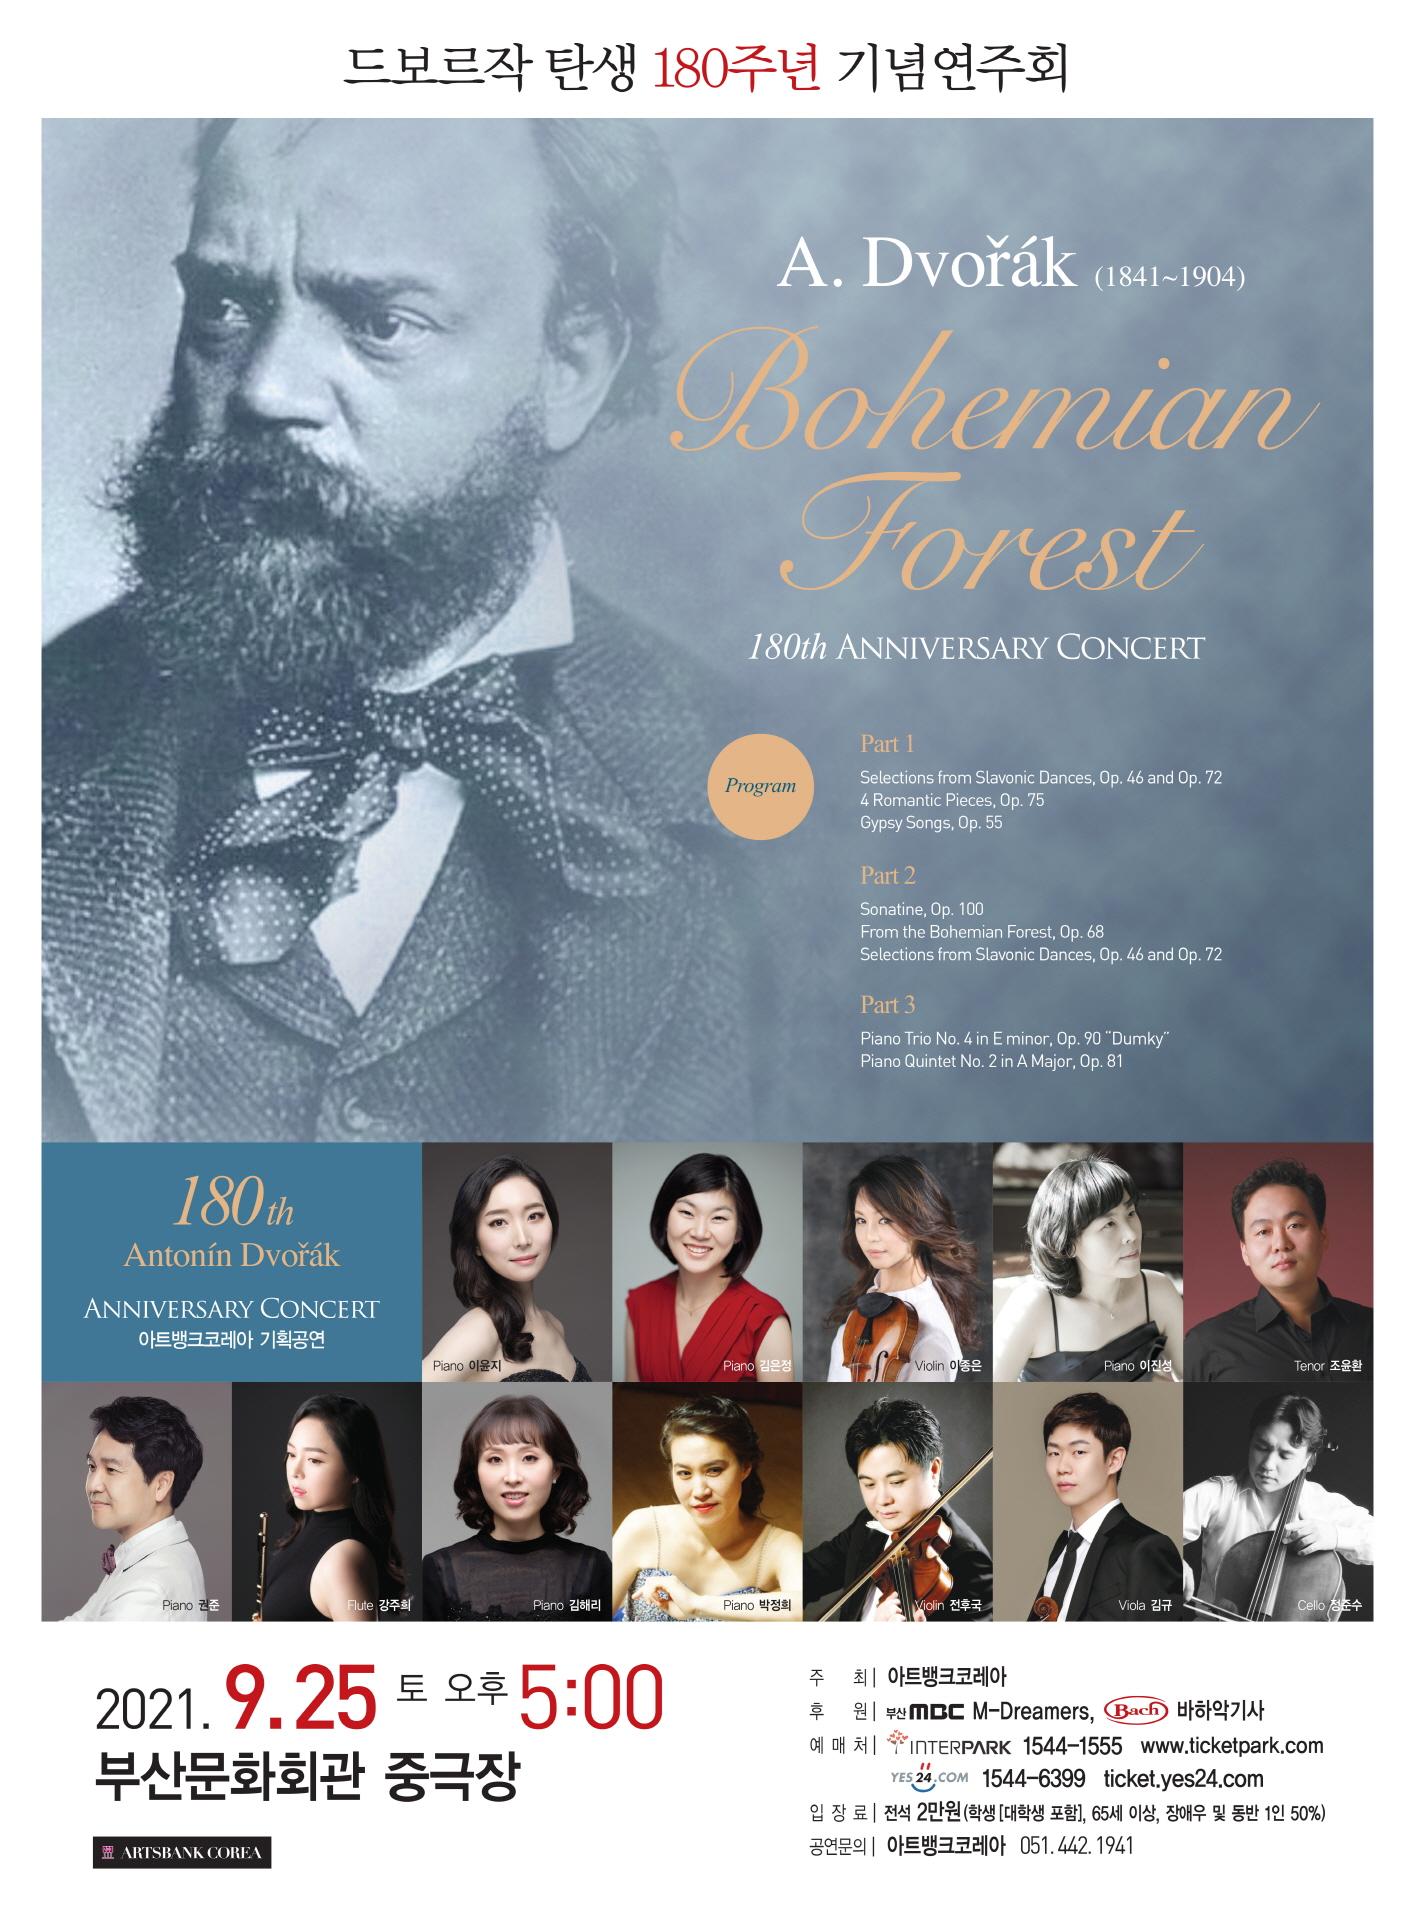 아트뱅크코레아 기획공연 드볼작 탄생 180주년 기념연주회 – Bohemian Forest